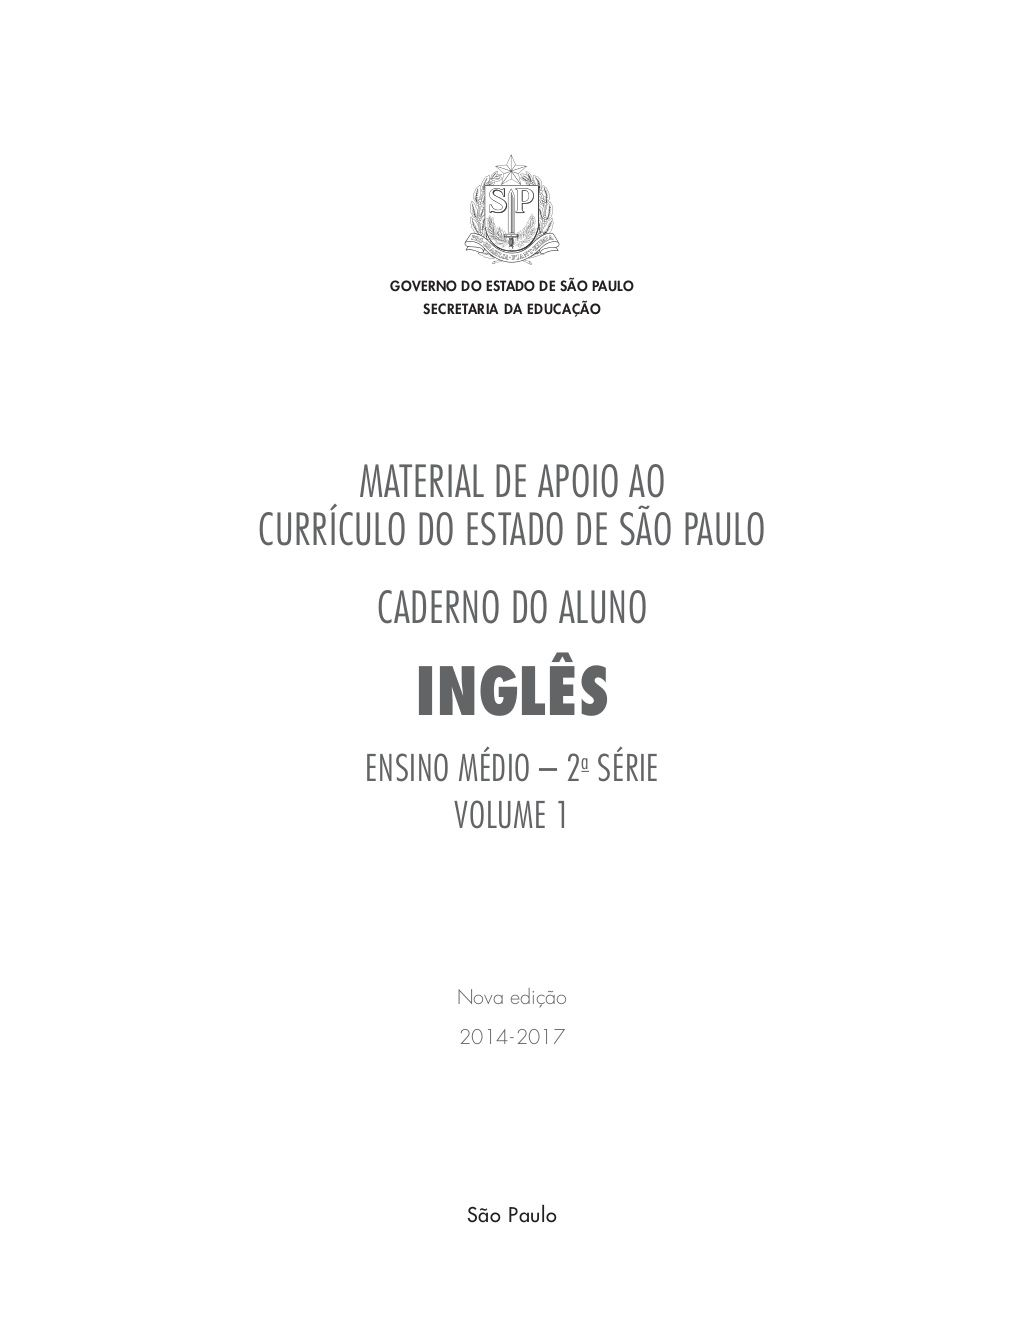 Material De Apoio Ao Curriculo Do Estado De Sao Paulo Caderno Do